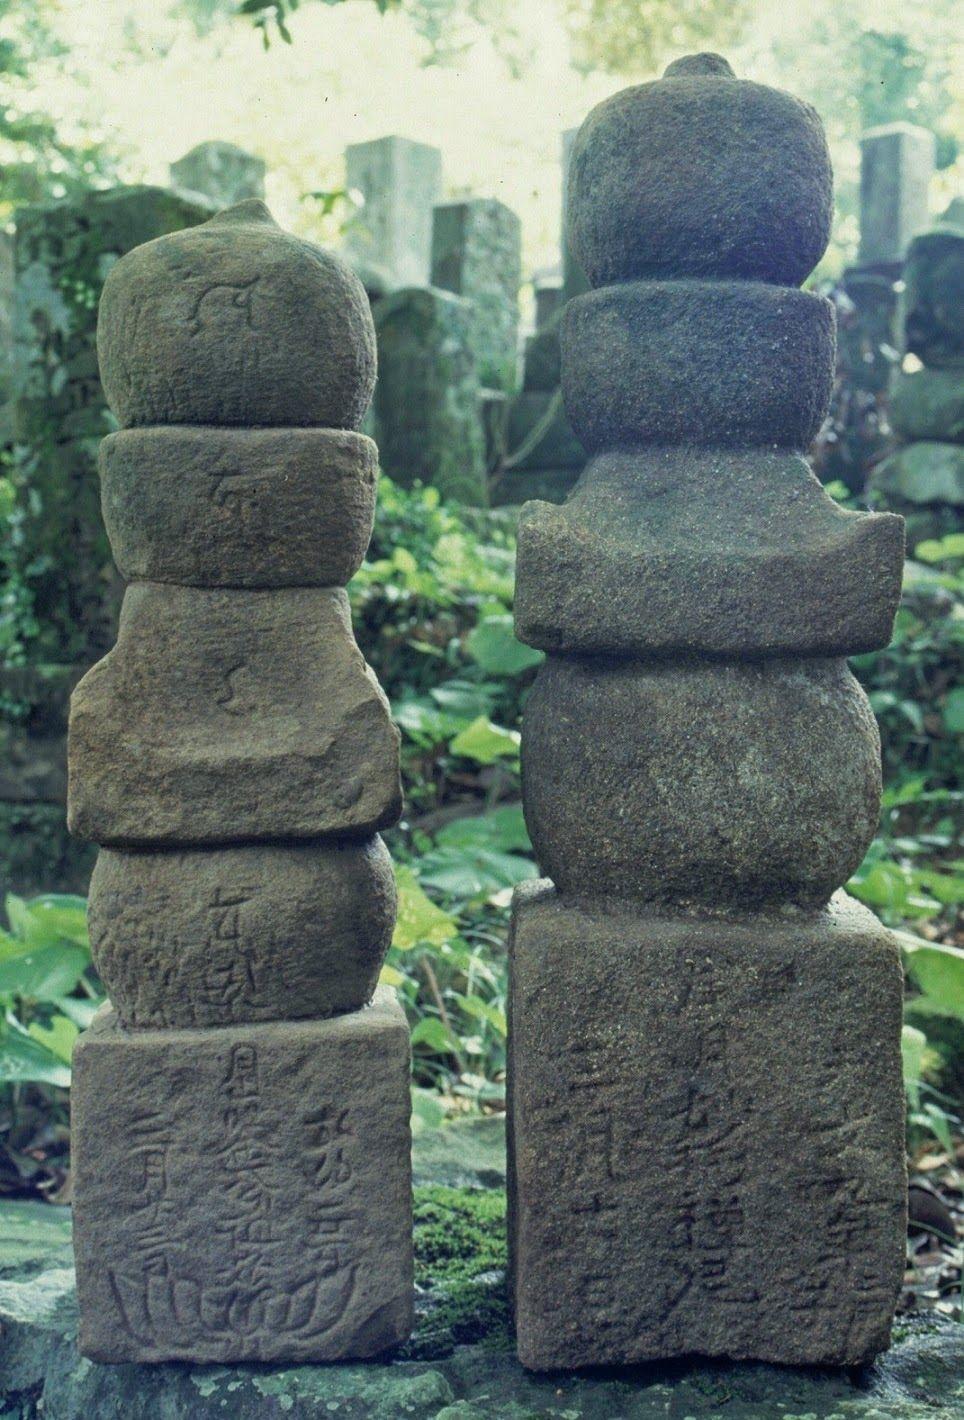 左右ともに土佐清水市三崎・香仏寺。右は天文9年(1540年)、左が弘治2年(1556年)